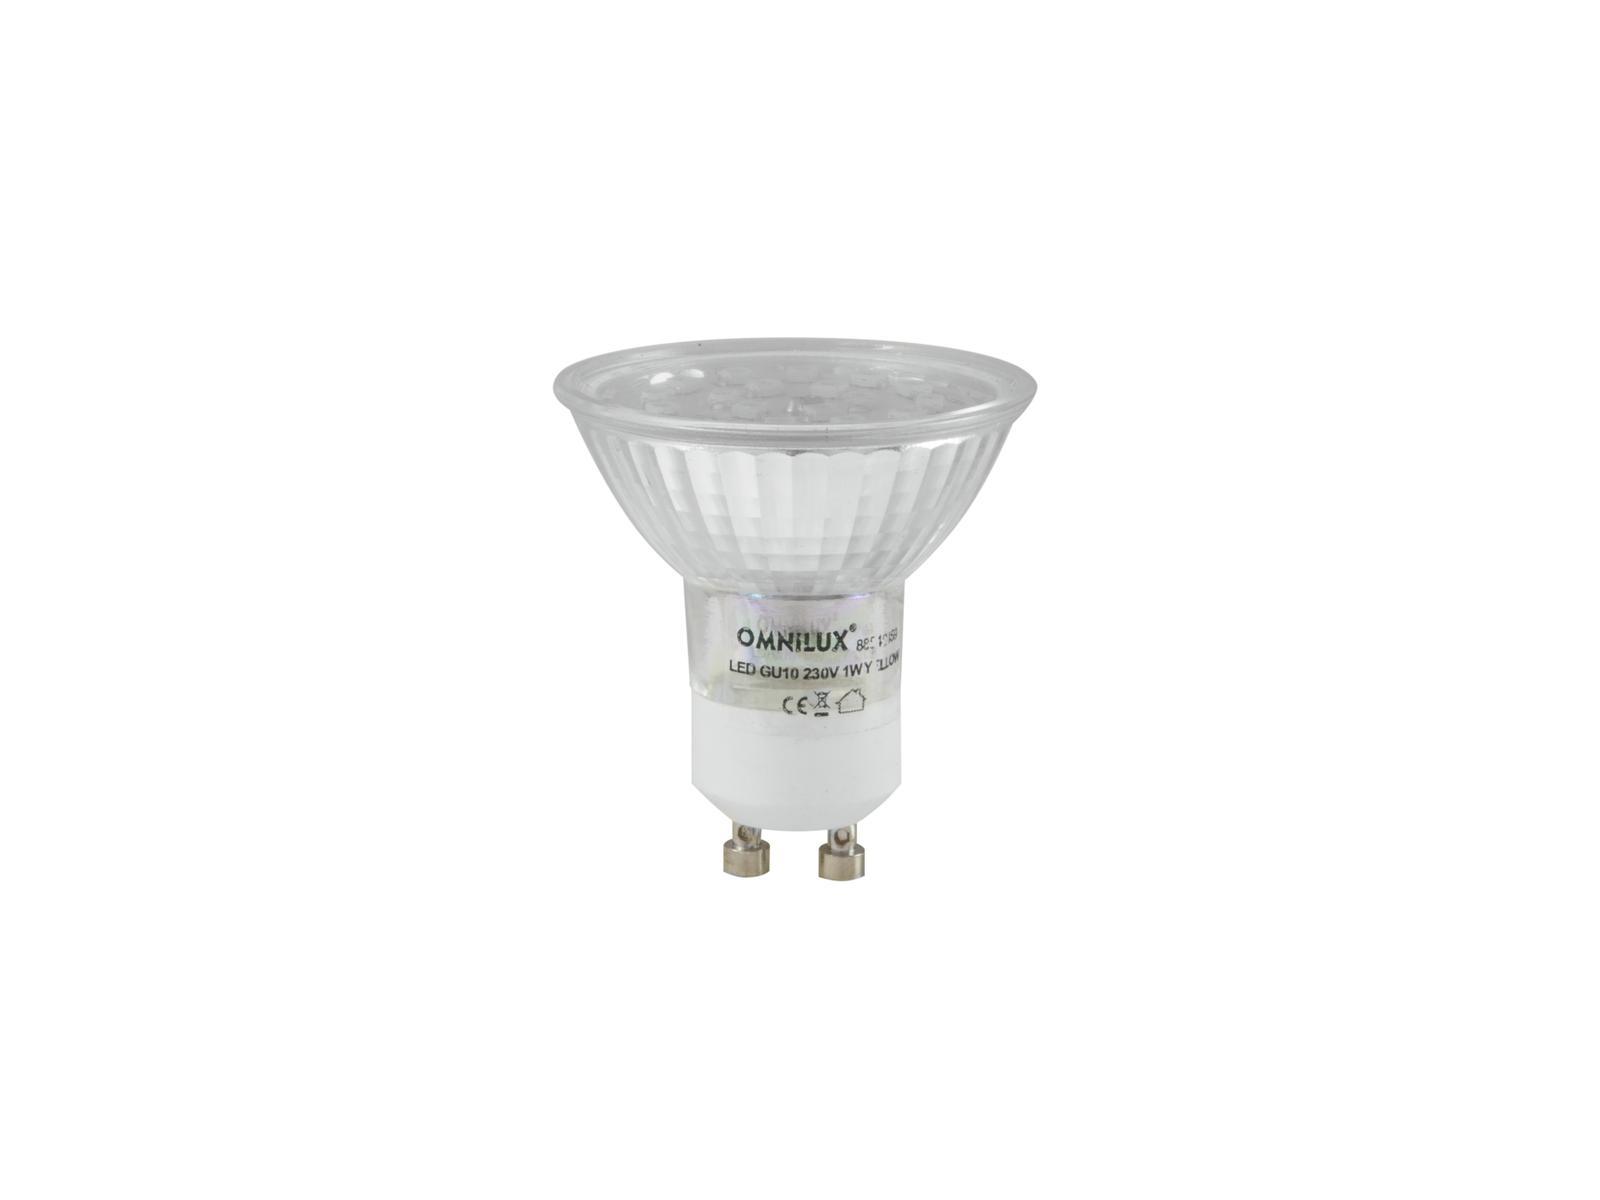 Lampada a led verde GU-10 230V 18 OMNILUX